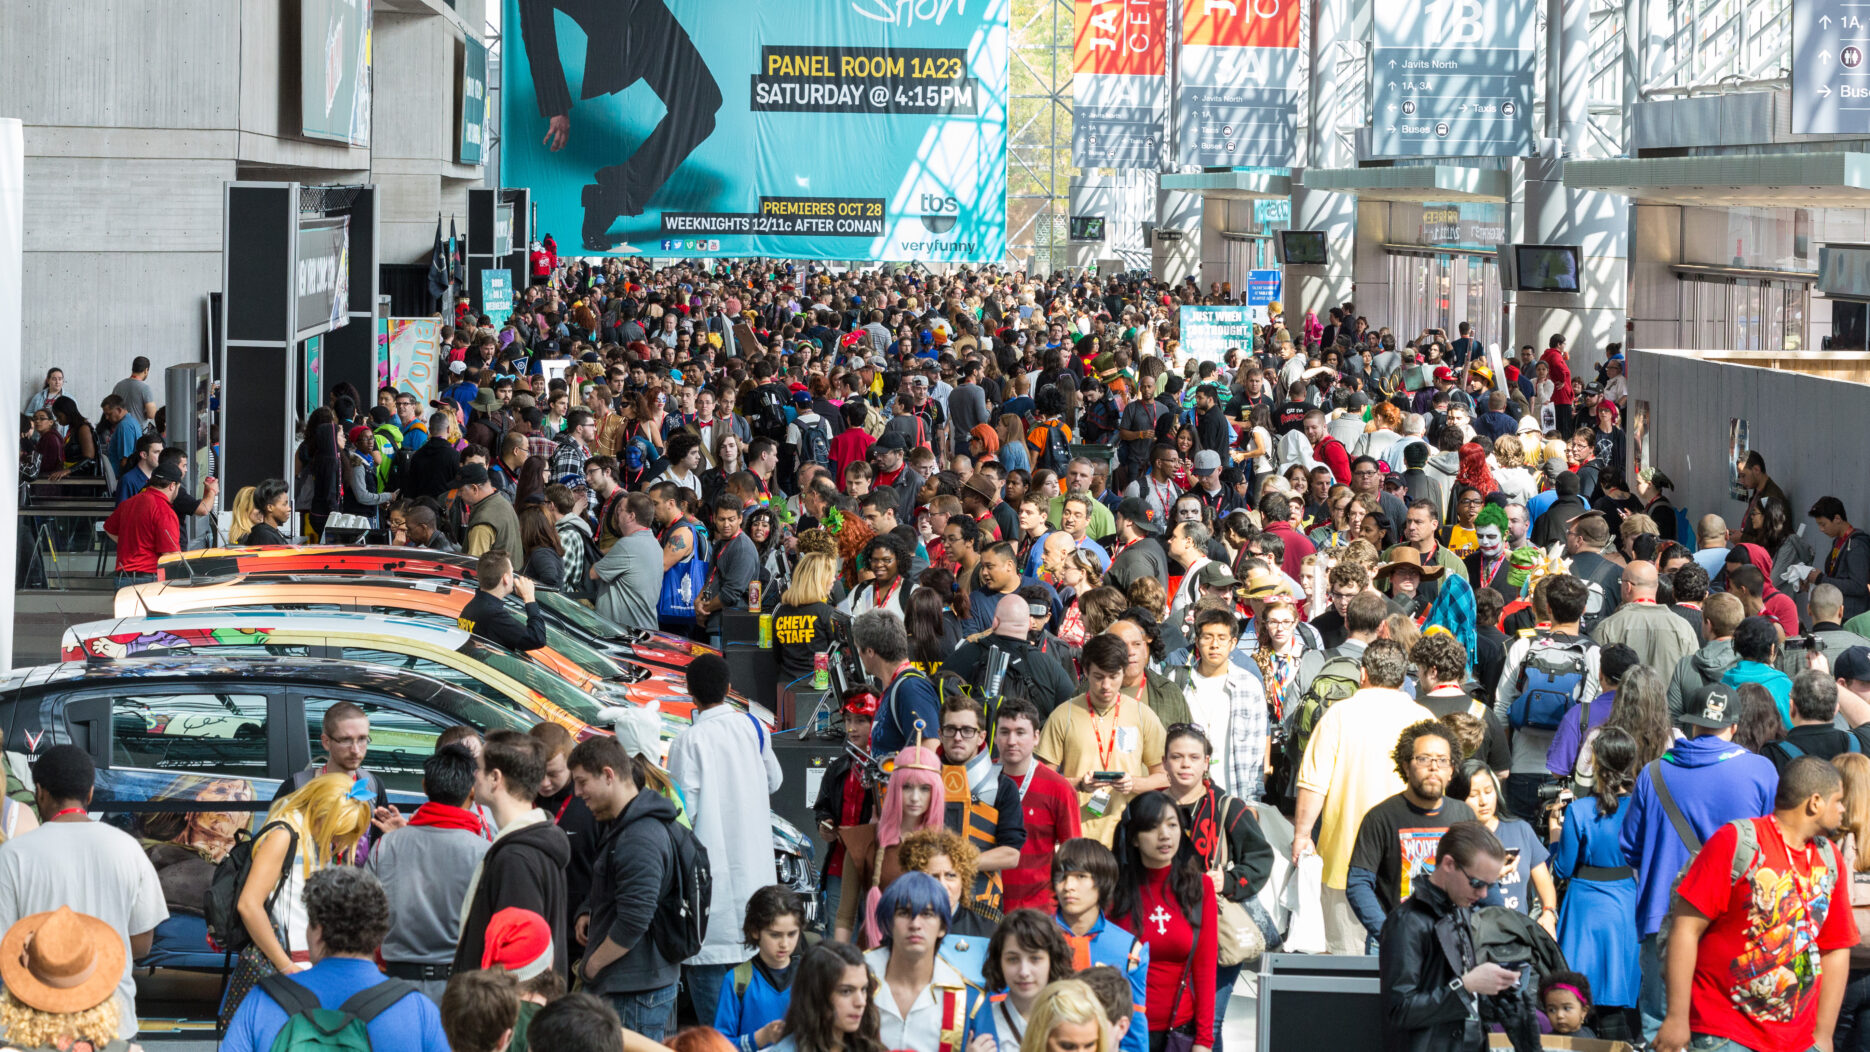 New York Comic Con crowds